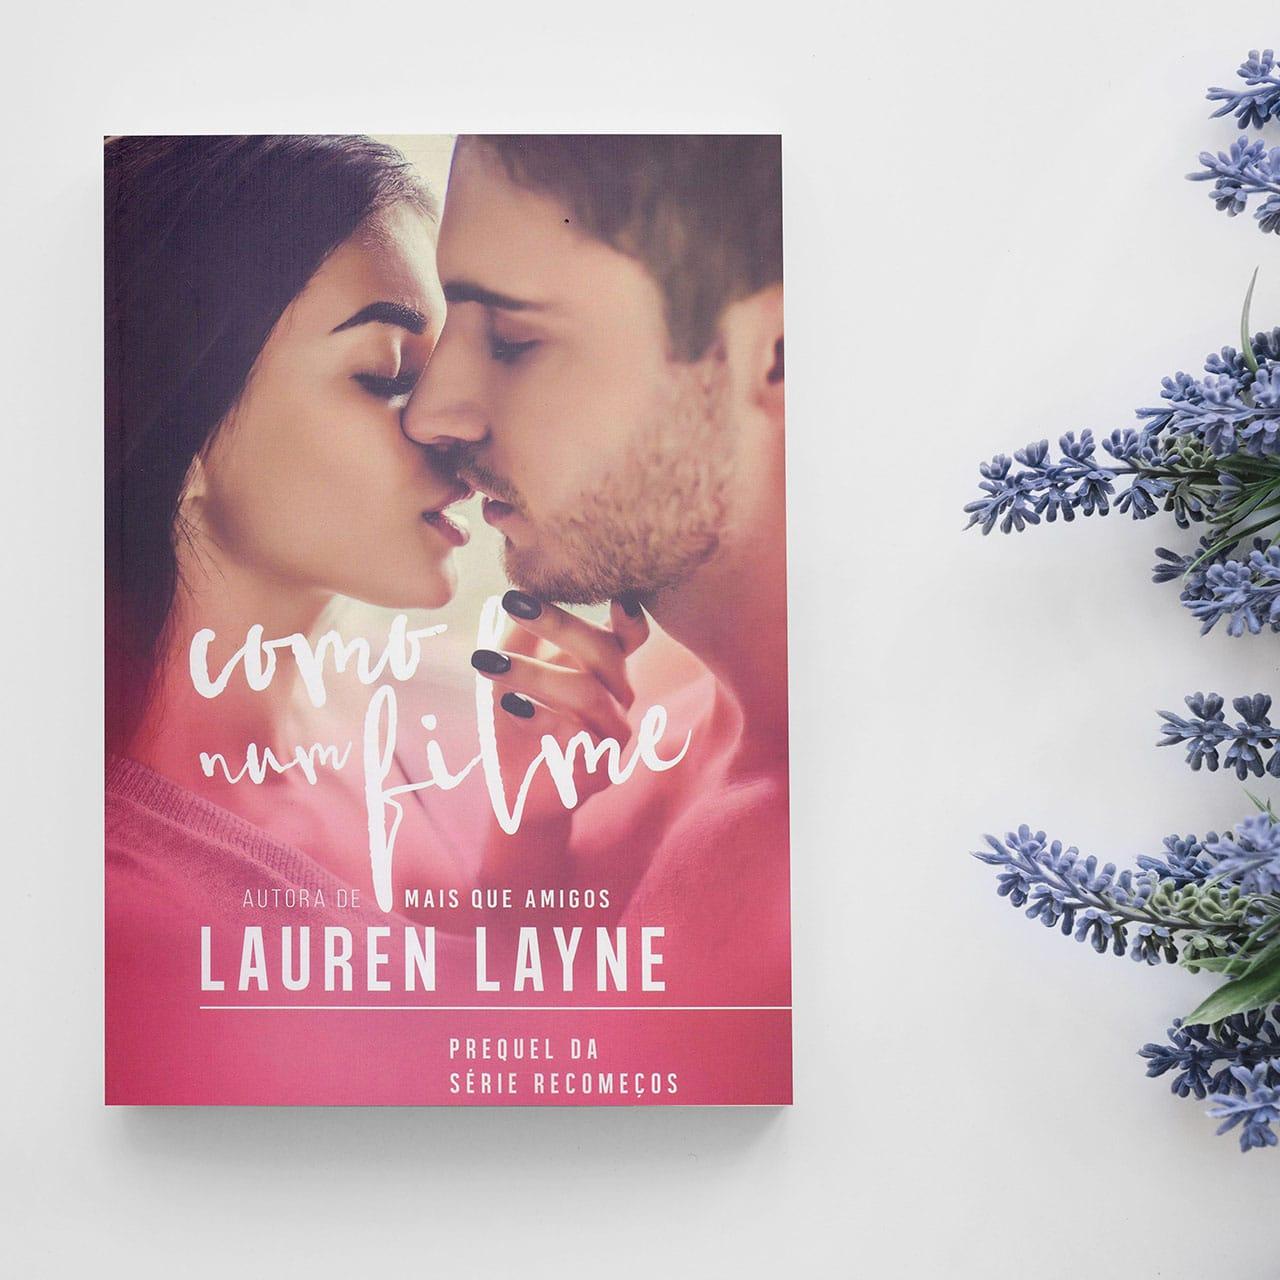 Imagem da capa do livro Como num filme, de Lauren Layne